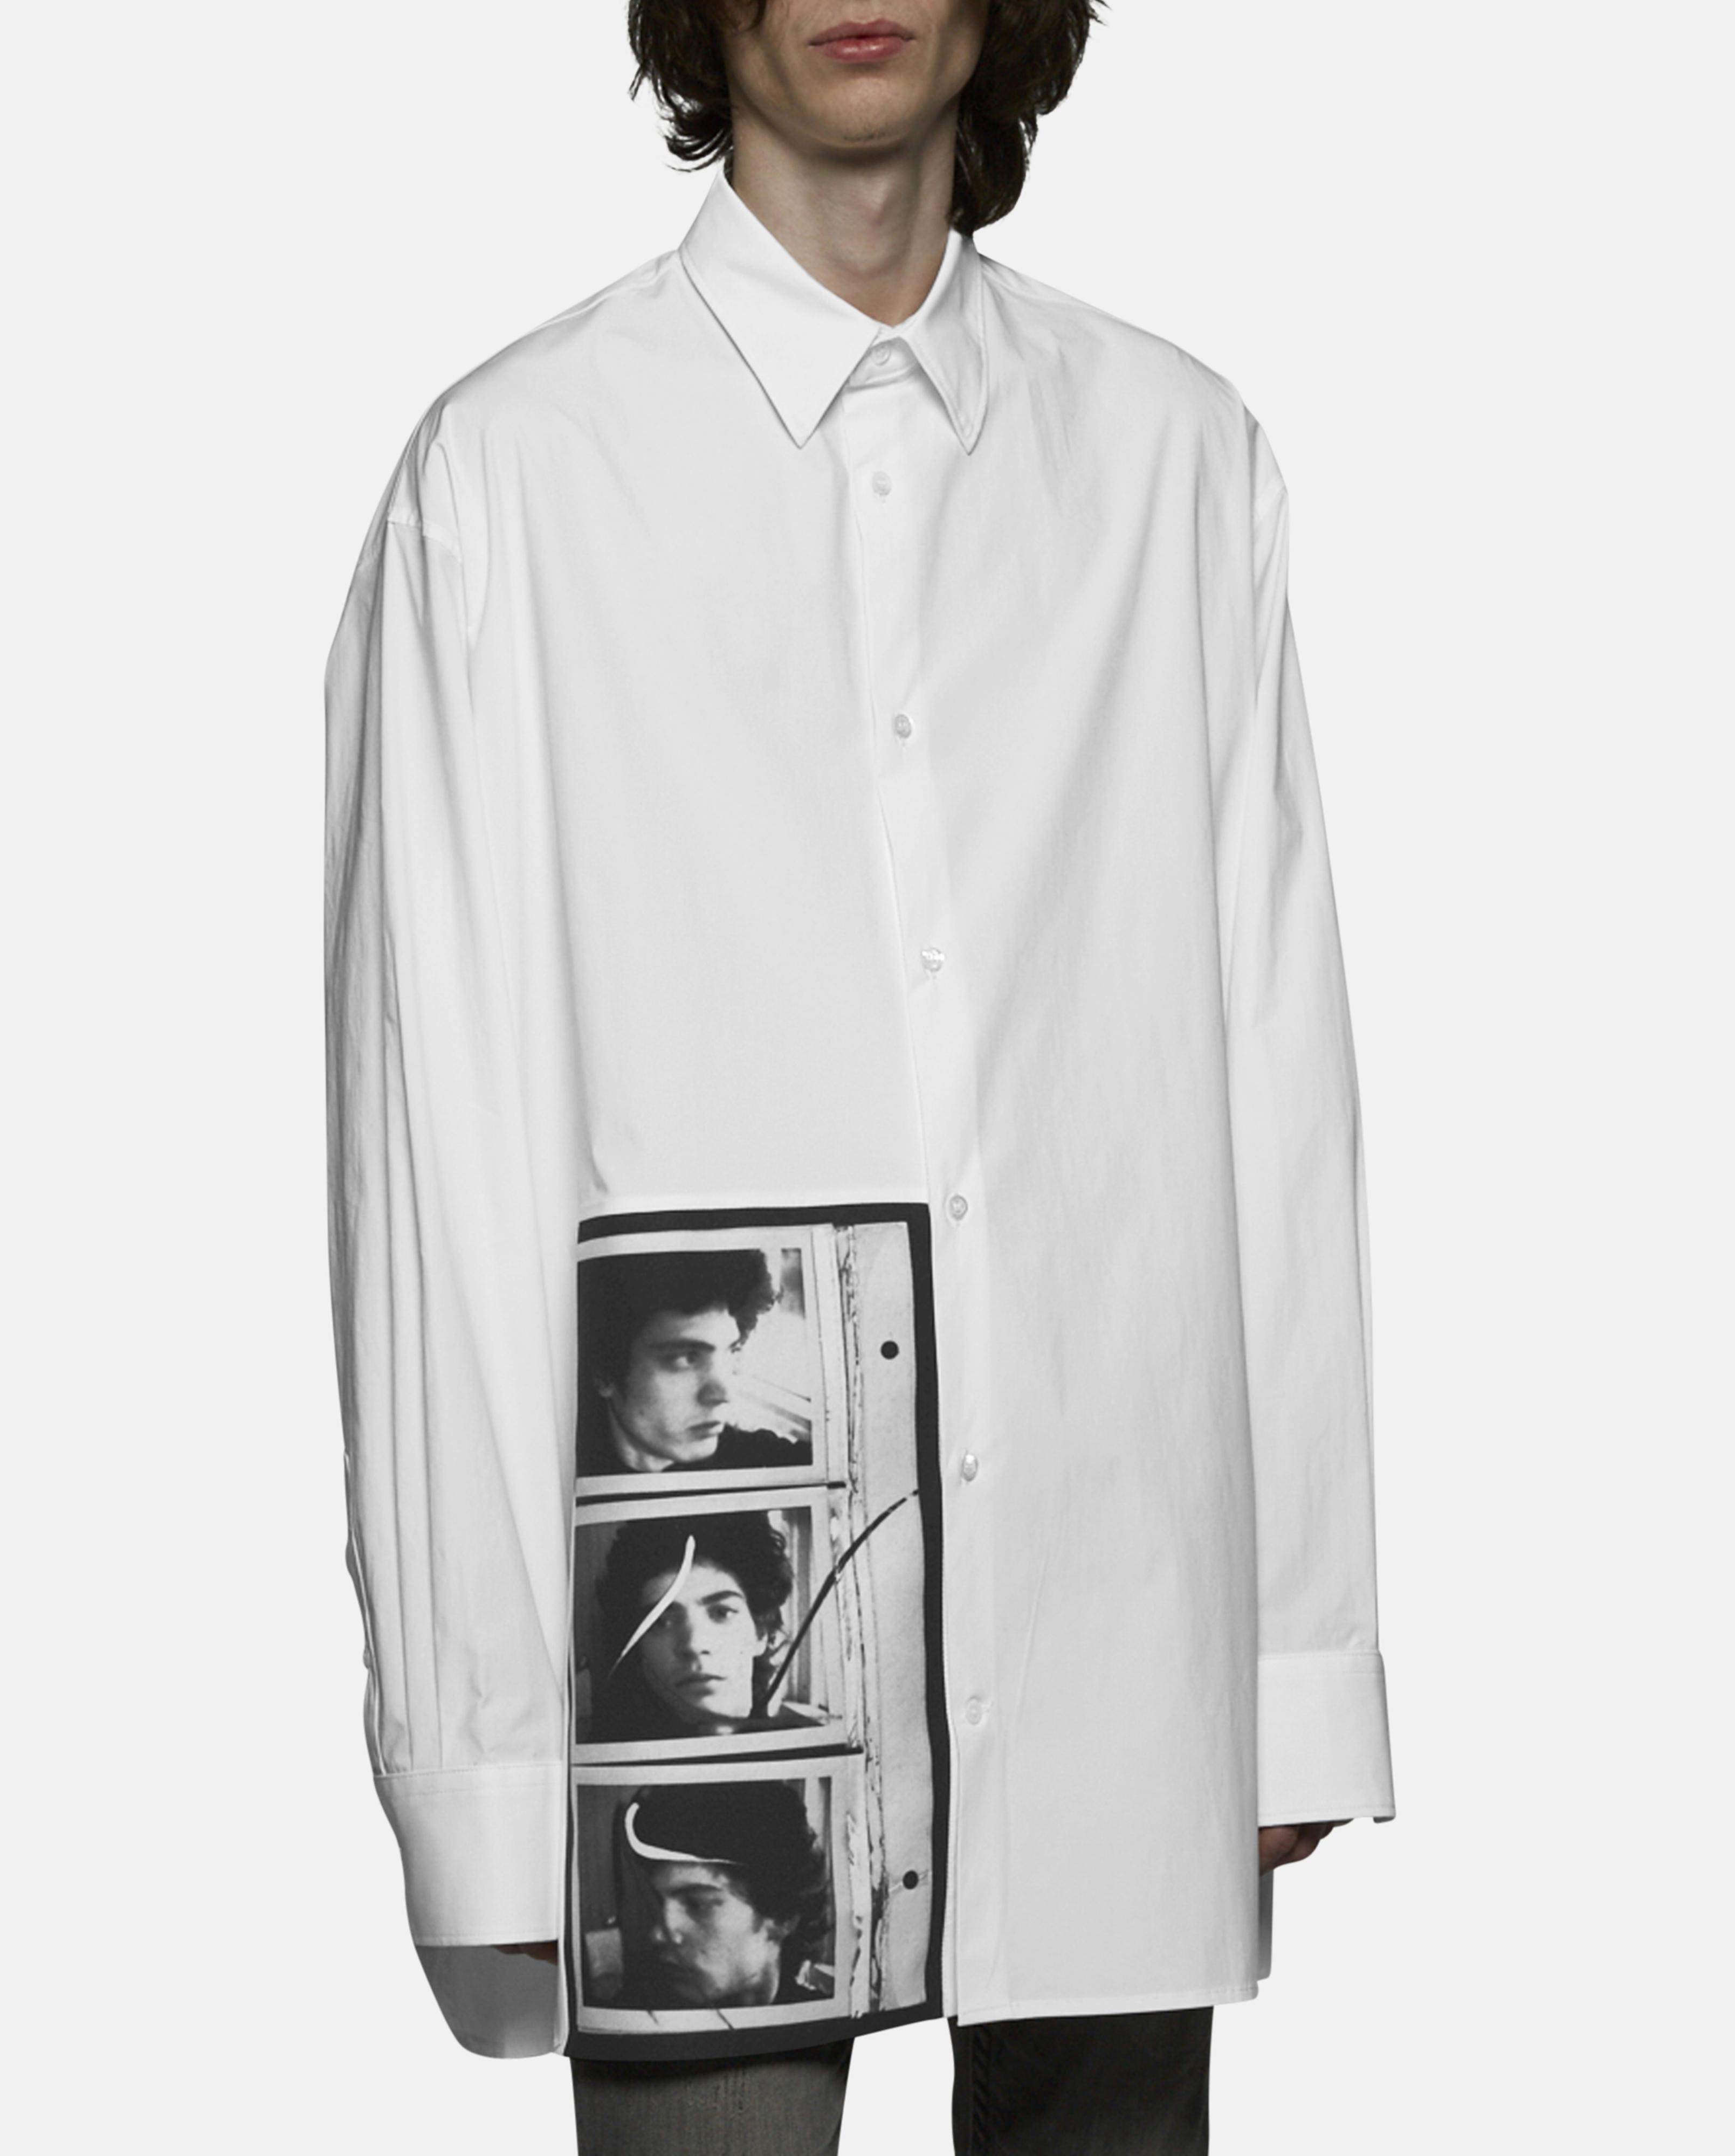 Raf simons oversized self portrait shirt in gray for men for Raf simons robert mapplethorpe shirt